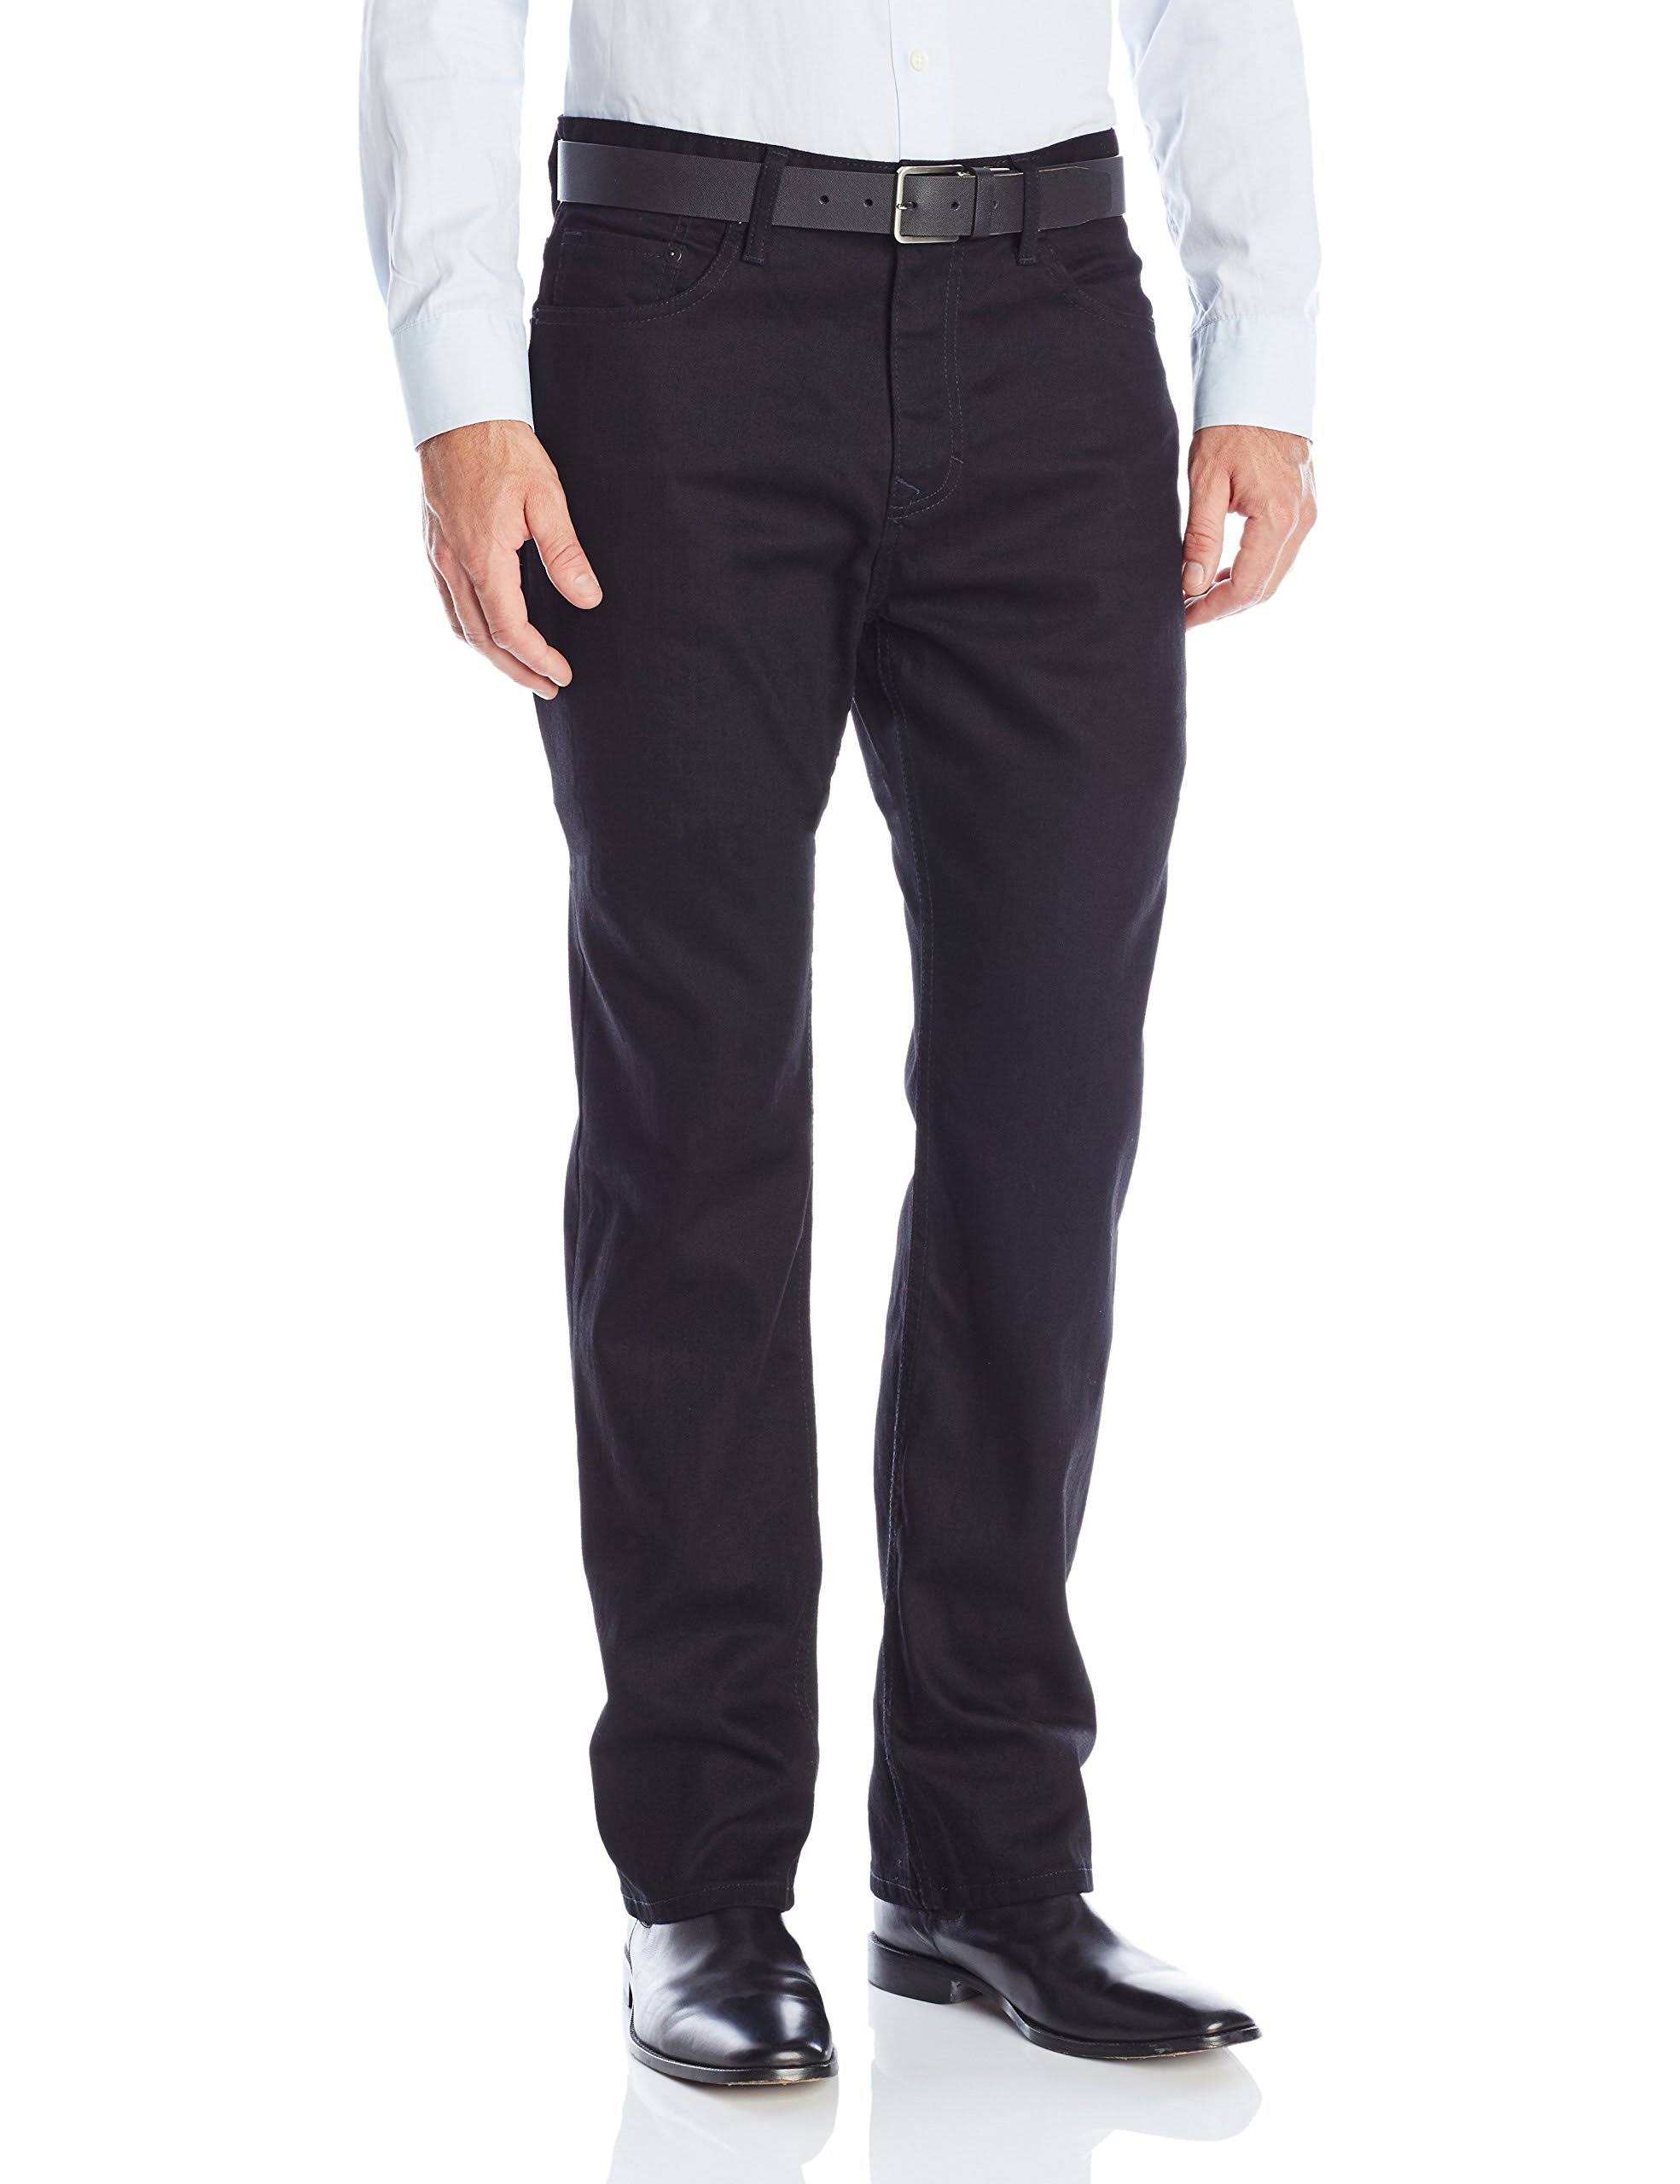 Hombres Para Calvin Estiramiento Jeans Ajustado Klein 32x32 Negro PwTXqCOx